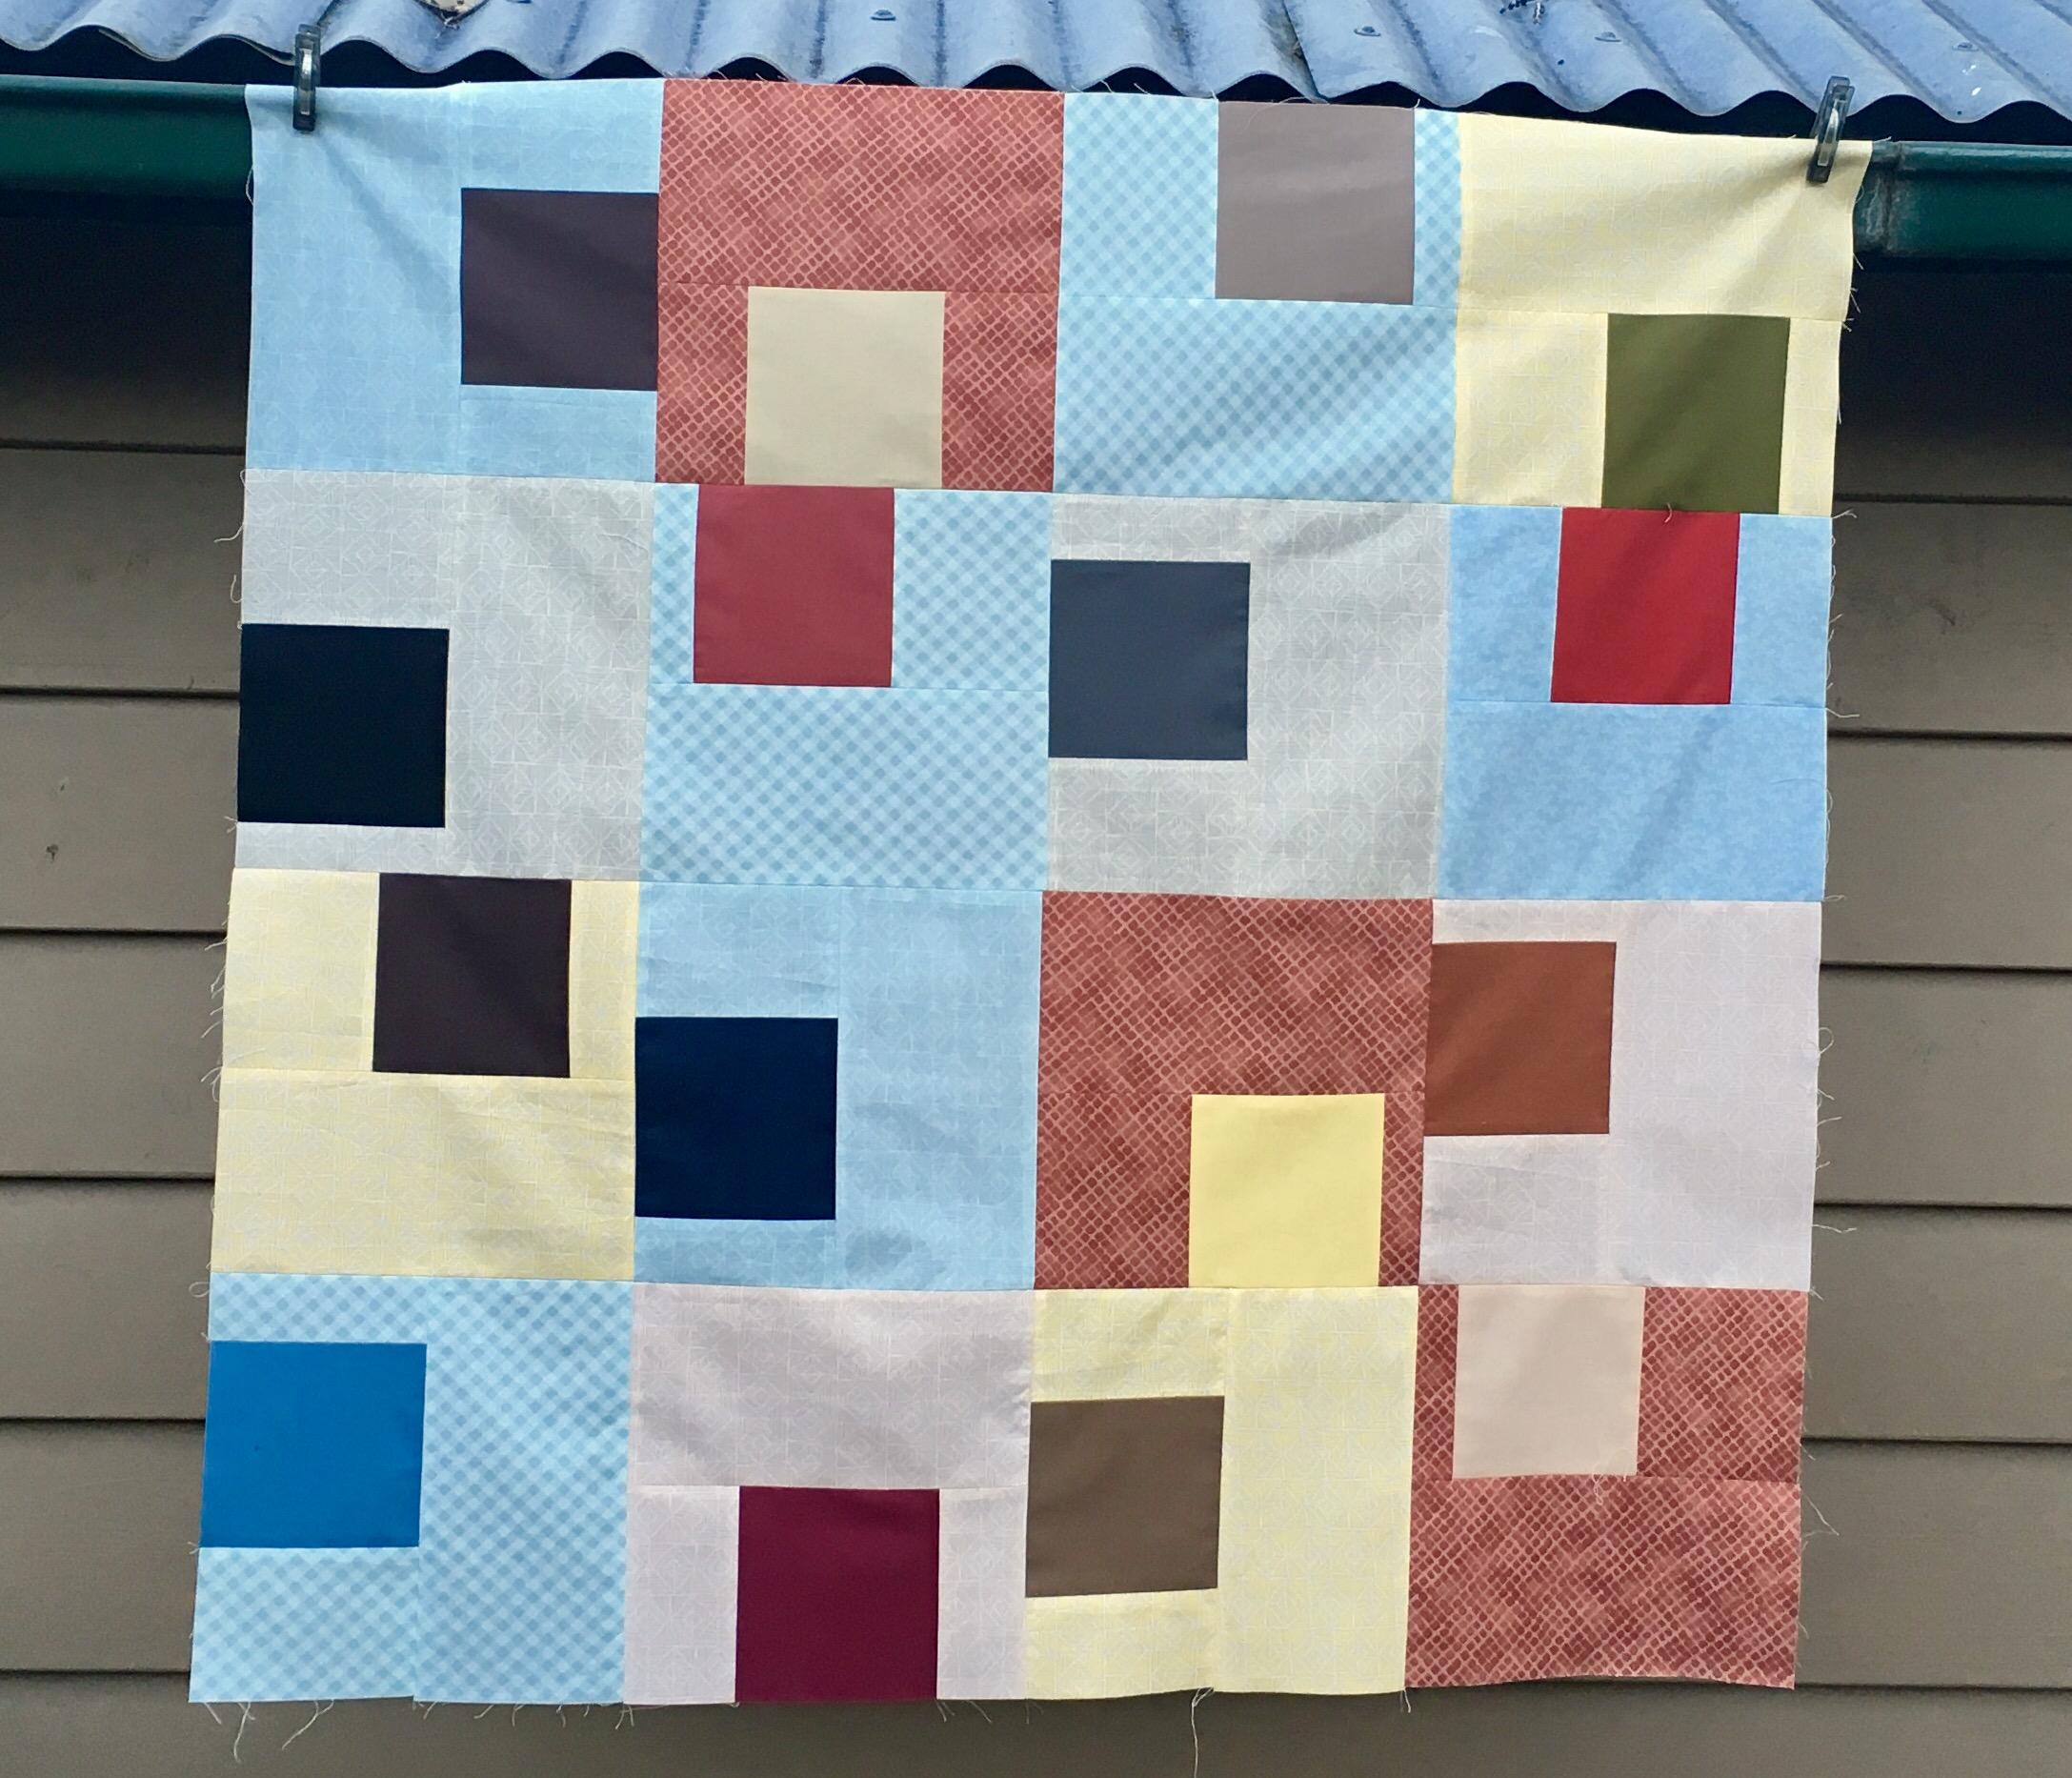 Gridwork quilt by Christa Watson